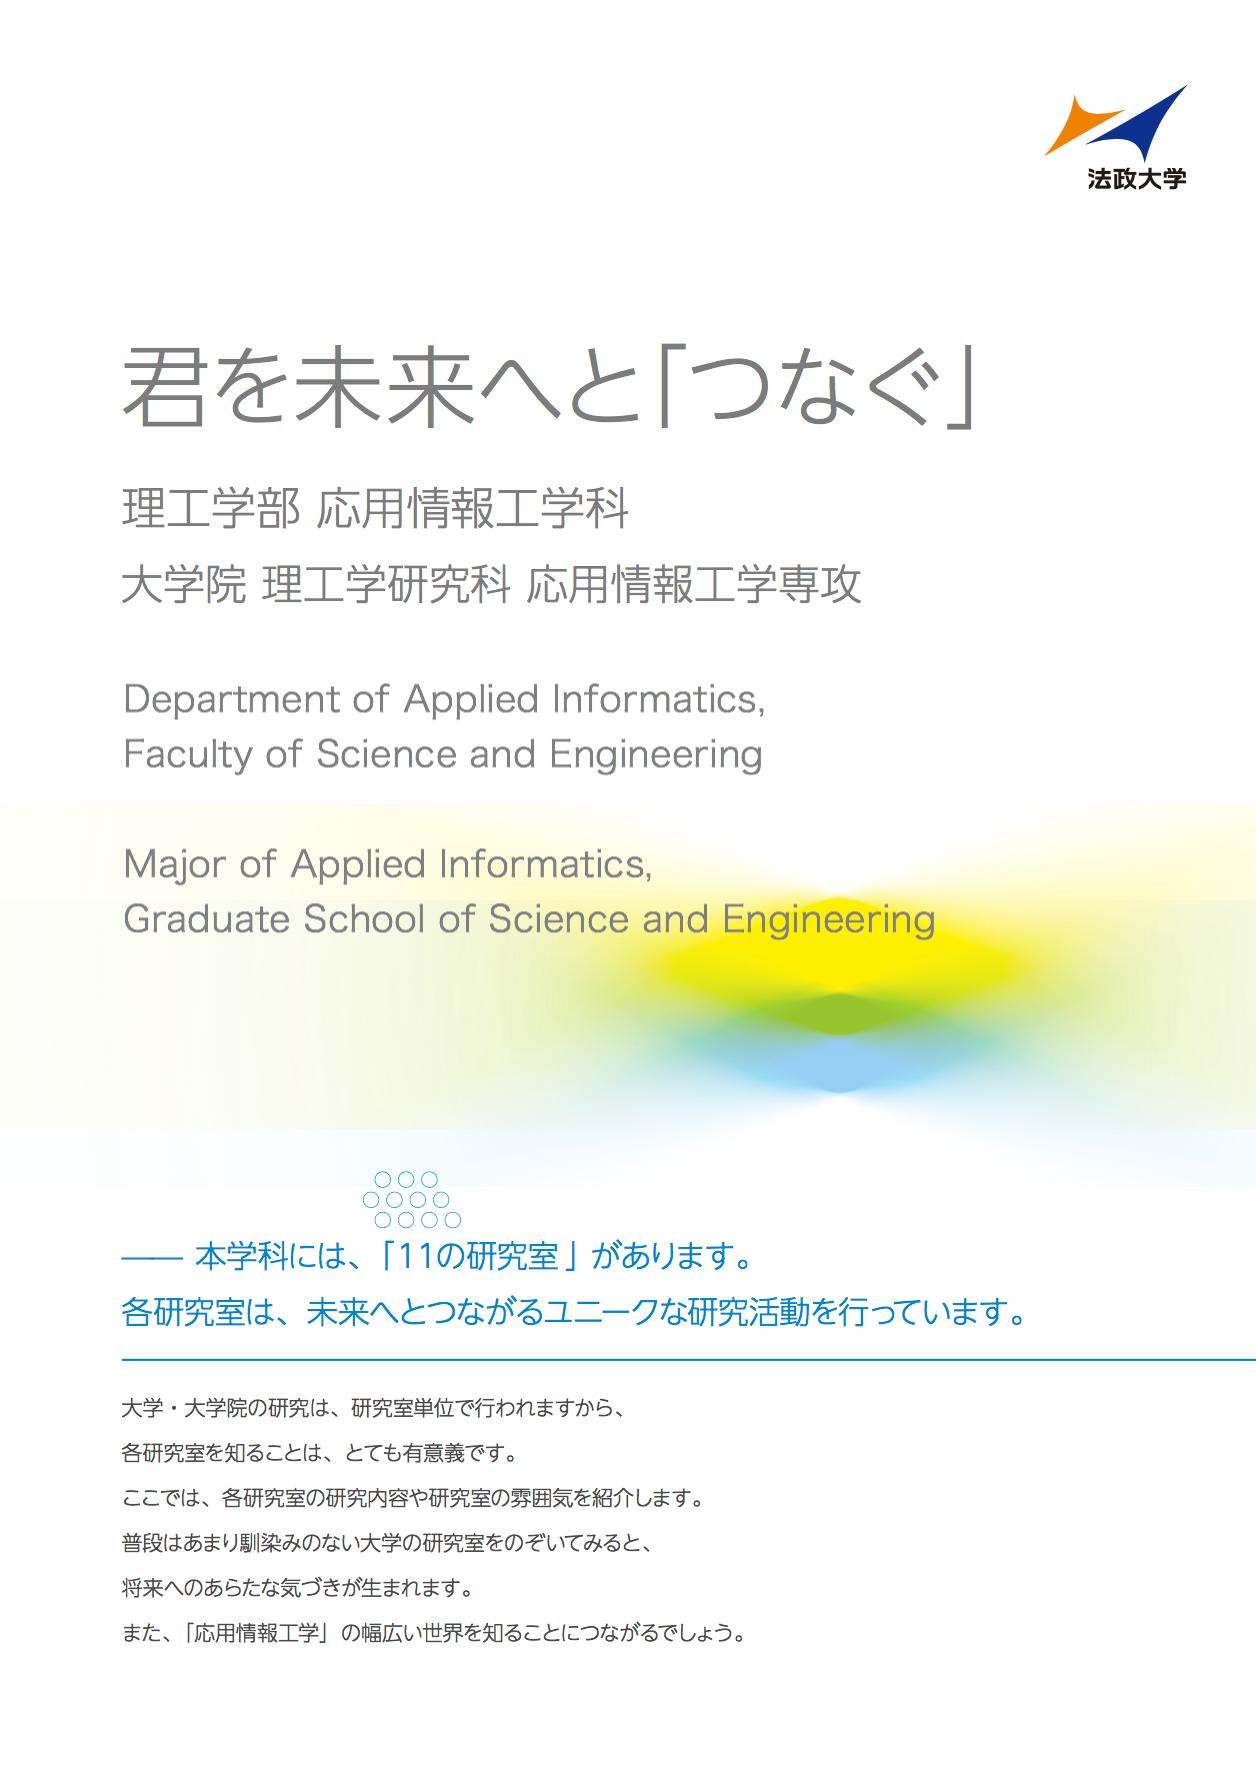 法政大学 理工学部 応用情報工学科